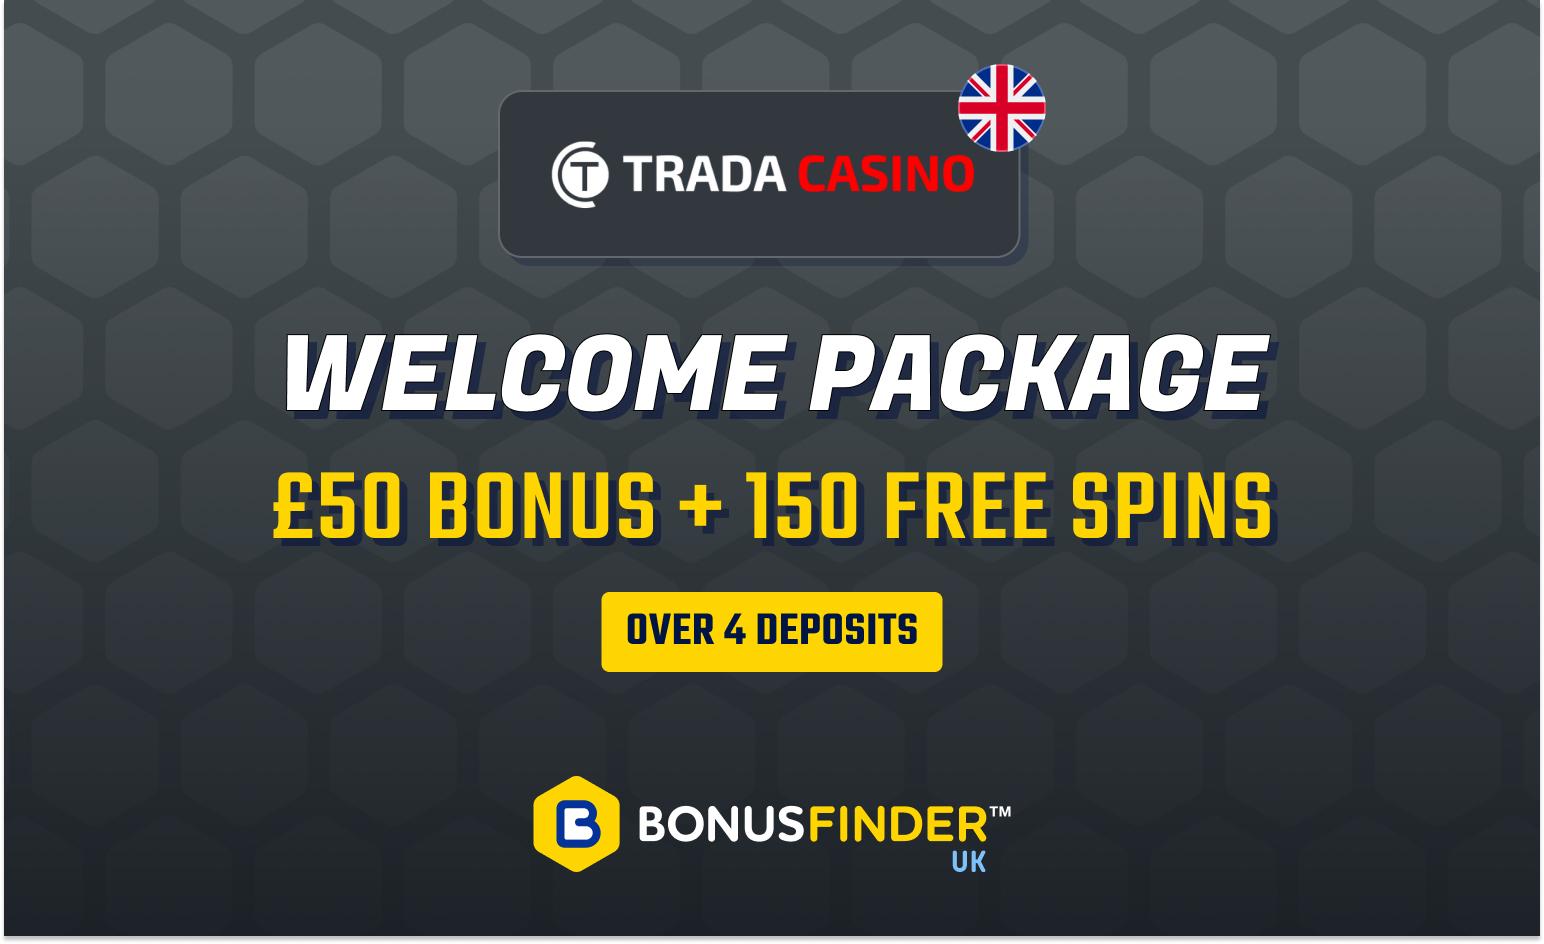 trada casino bonus